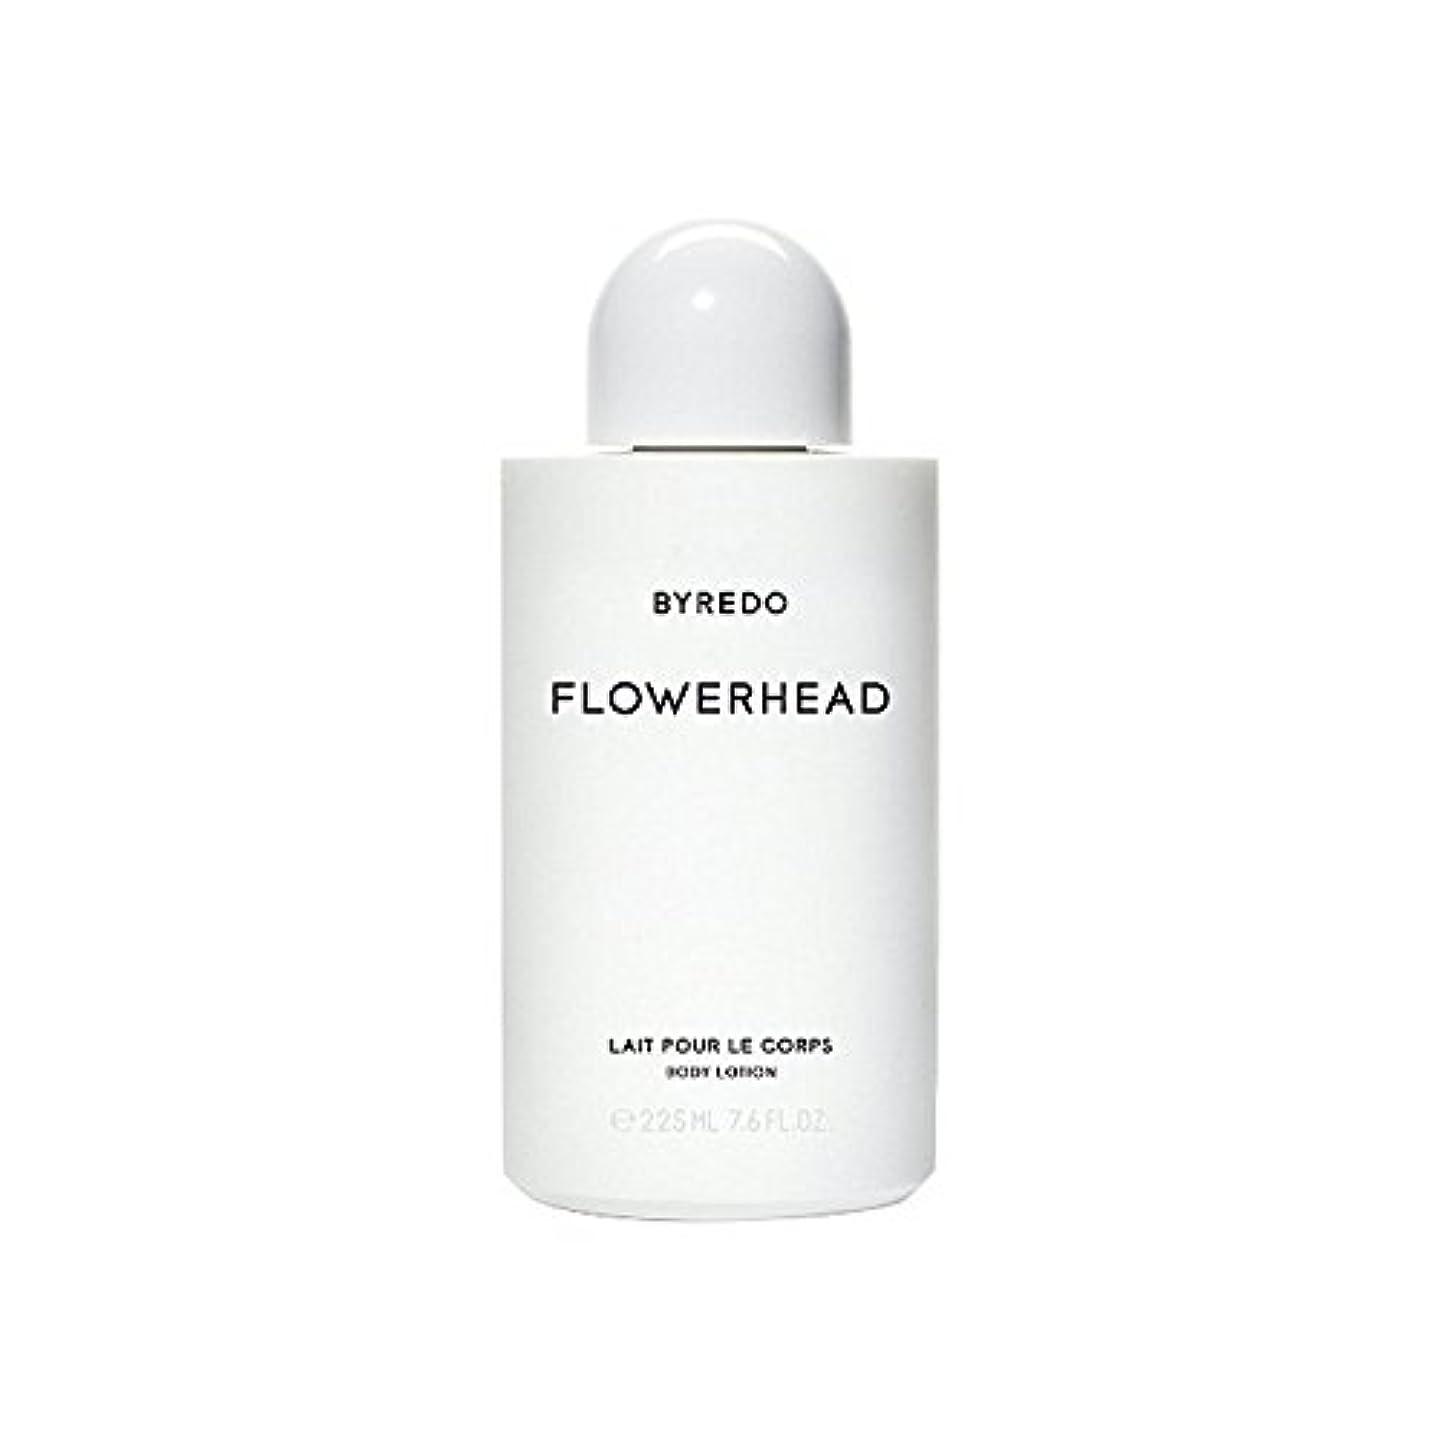 距離キリン取り付けボディローション225ミリリットル x2 - Byredo Flowerhead Body Lotion 225ml (Pack of 2) [並行輸入品]